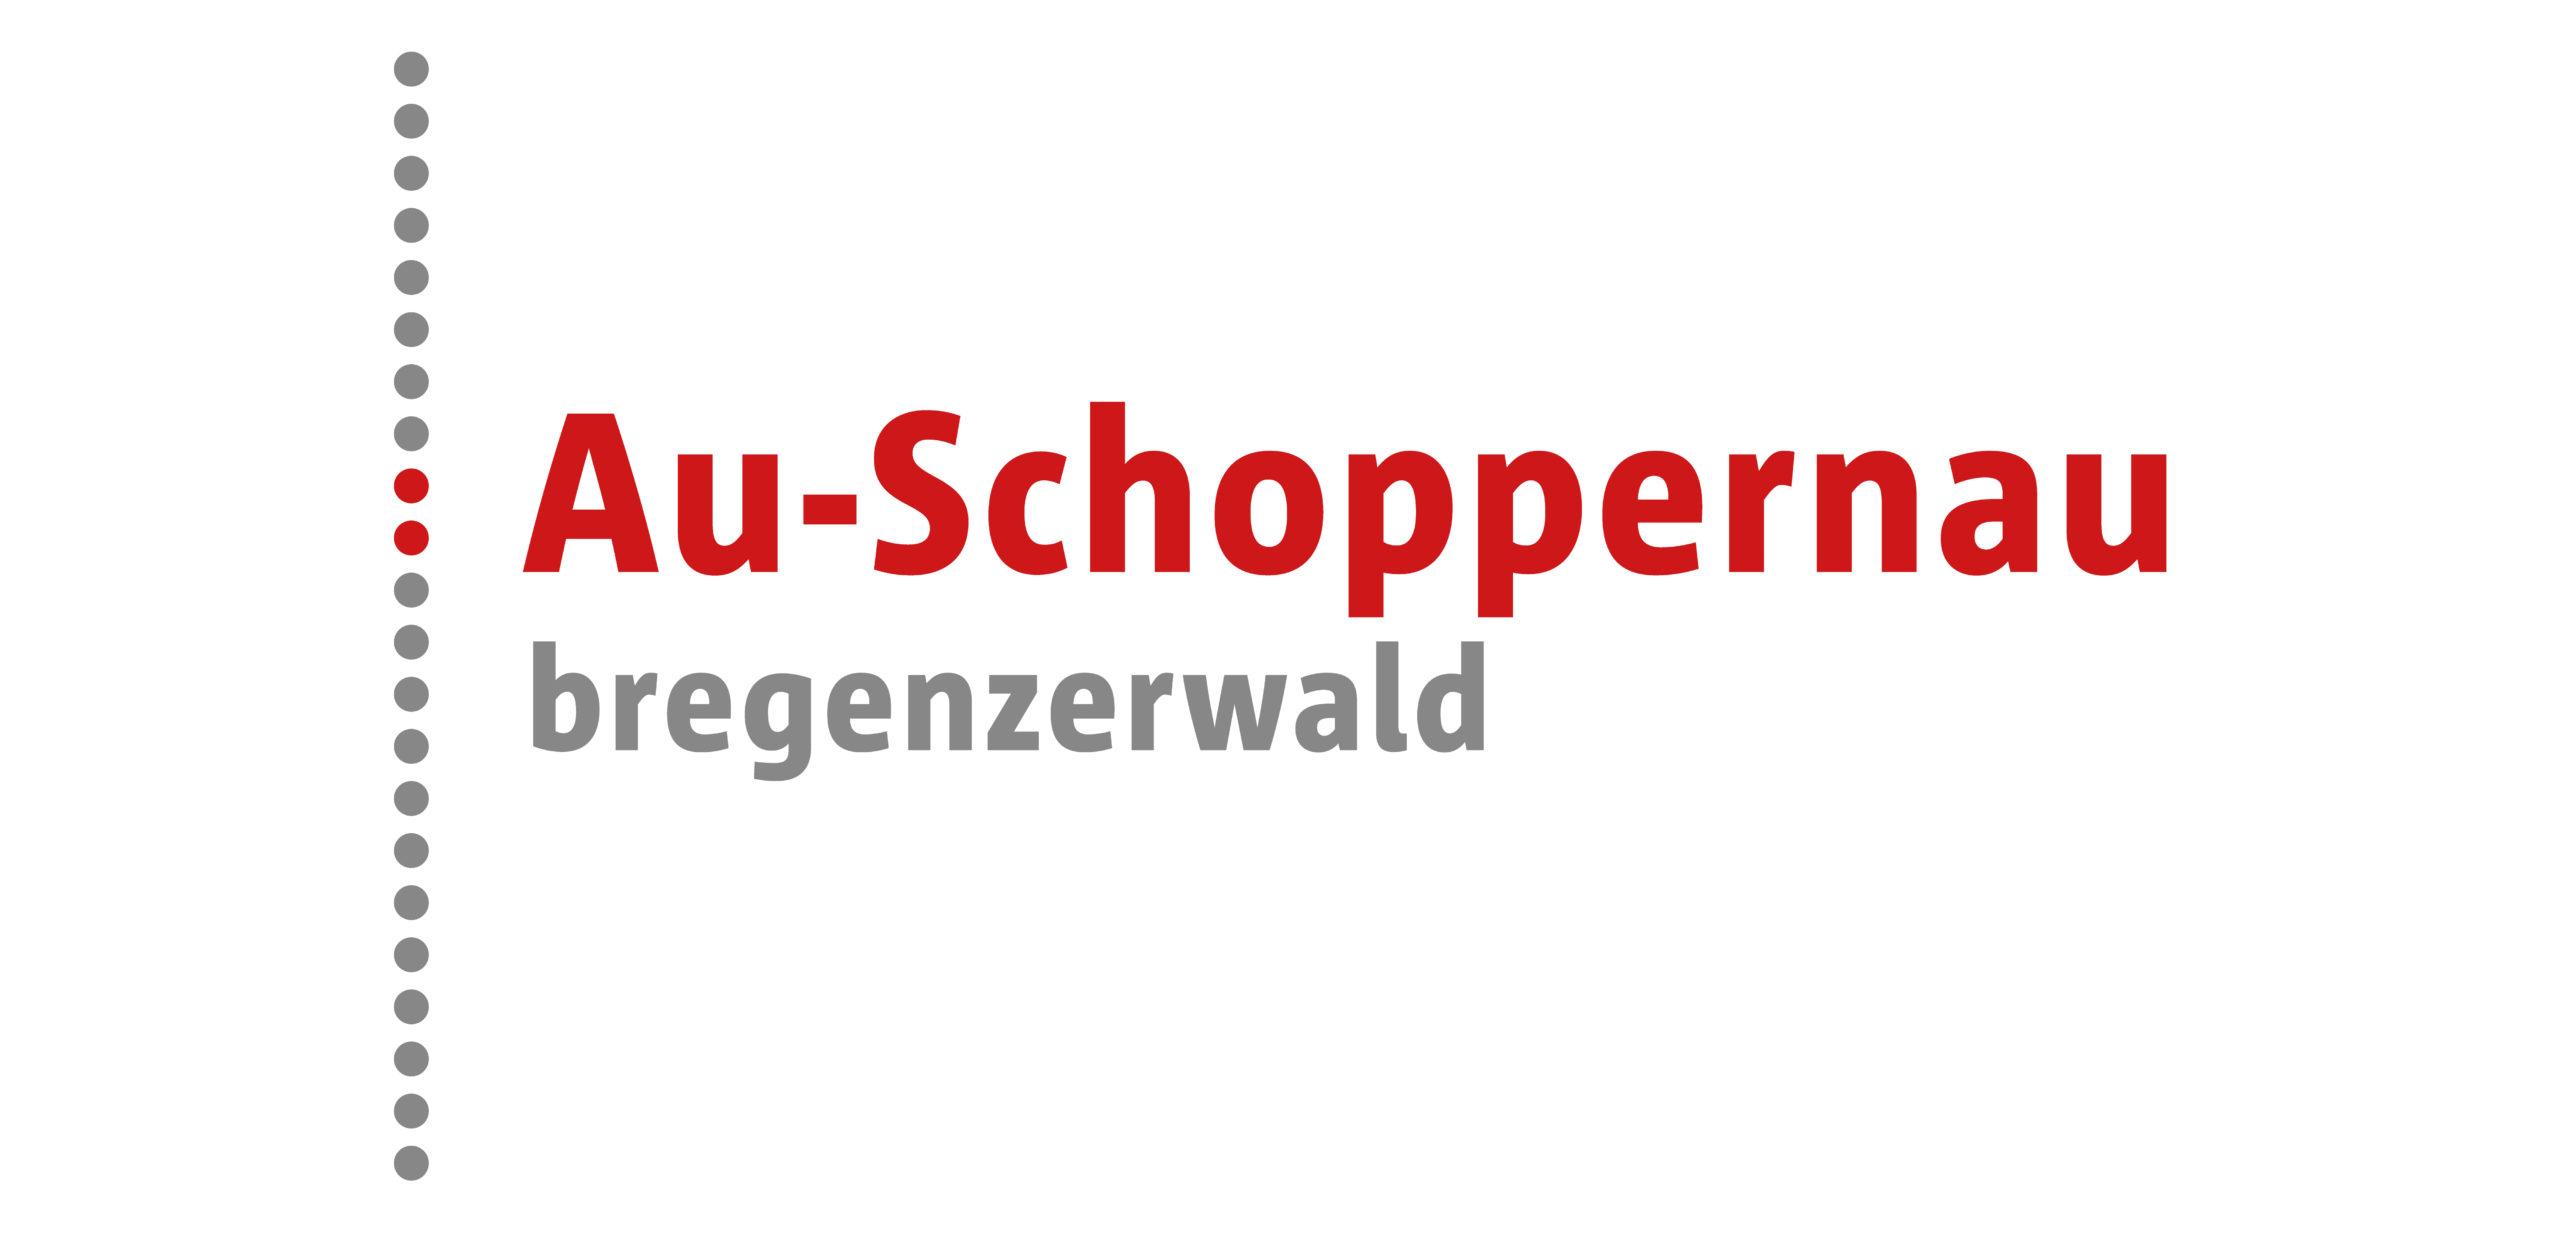 Au-Schoppernau Bregenzerwald Vorarlberg Logo